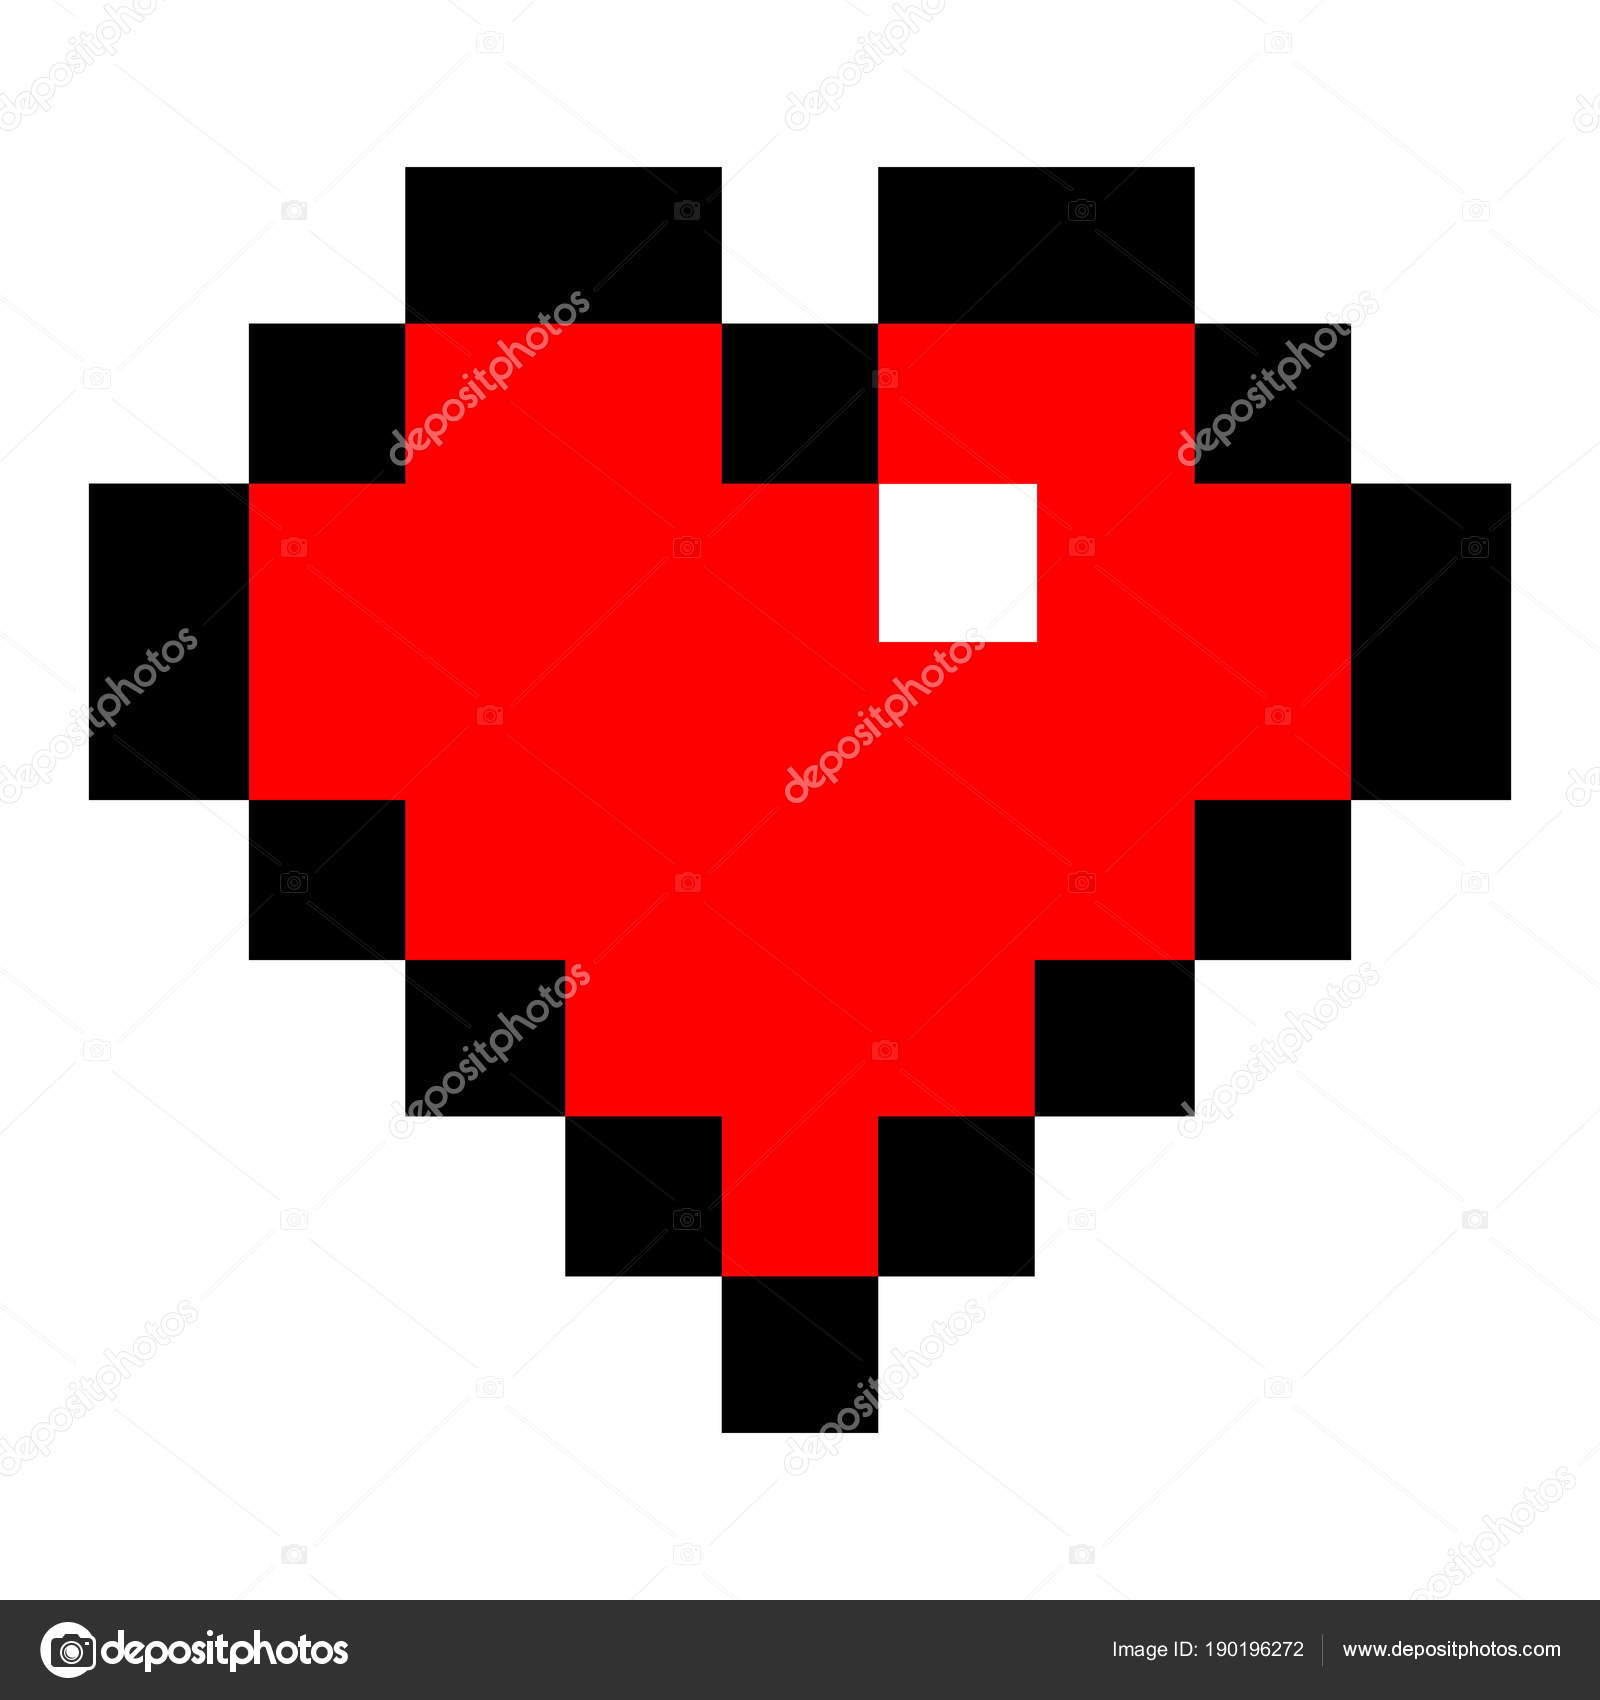 Red Heart In Pixel Art Style Stock Vector C Ifeelgood 190196272